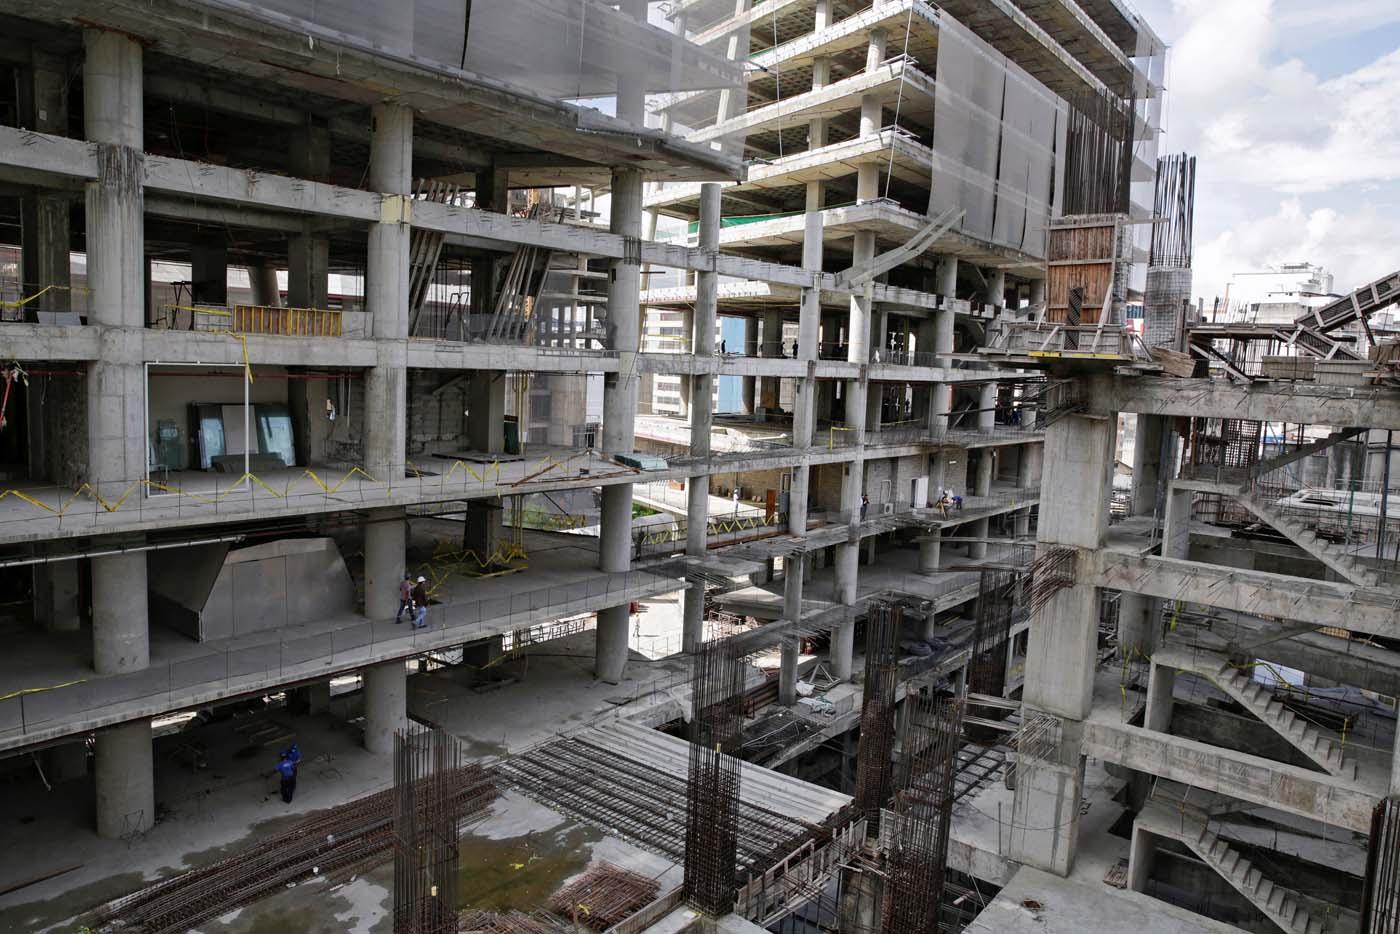 2016-10-07T114934Z_1836513511_D1AEUFPCSKAB_RTRMADP_3_VENEZUELA-CONSTRUCTION